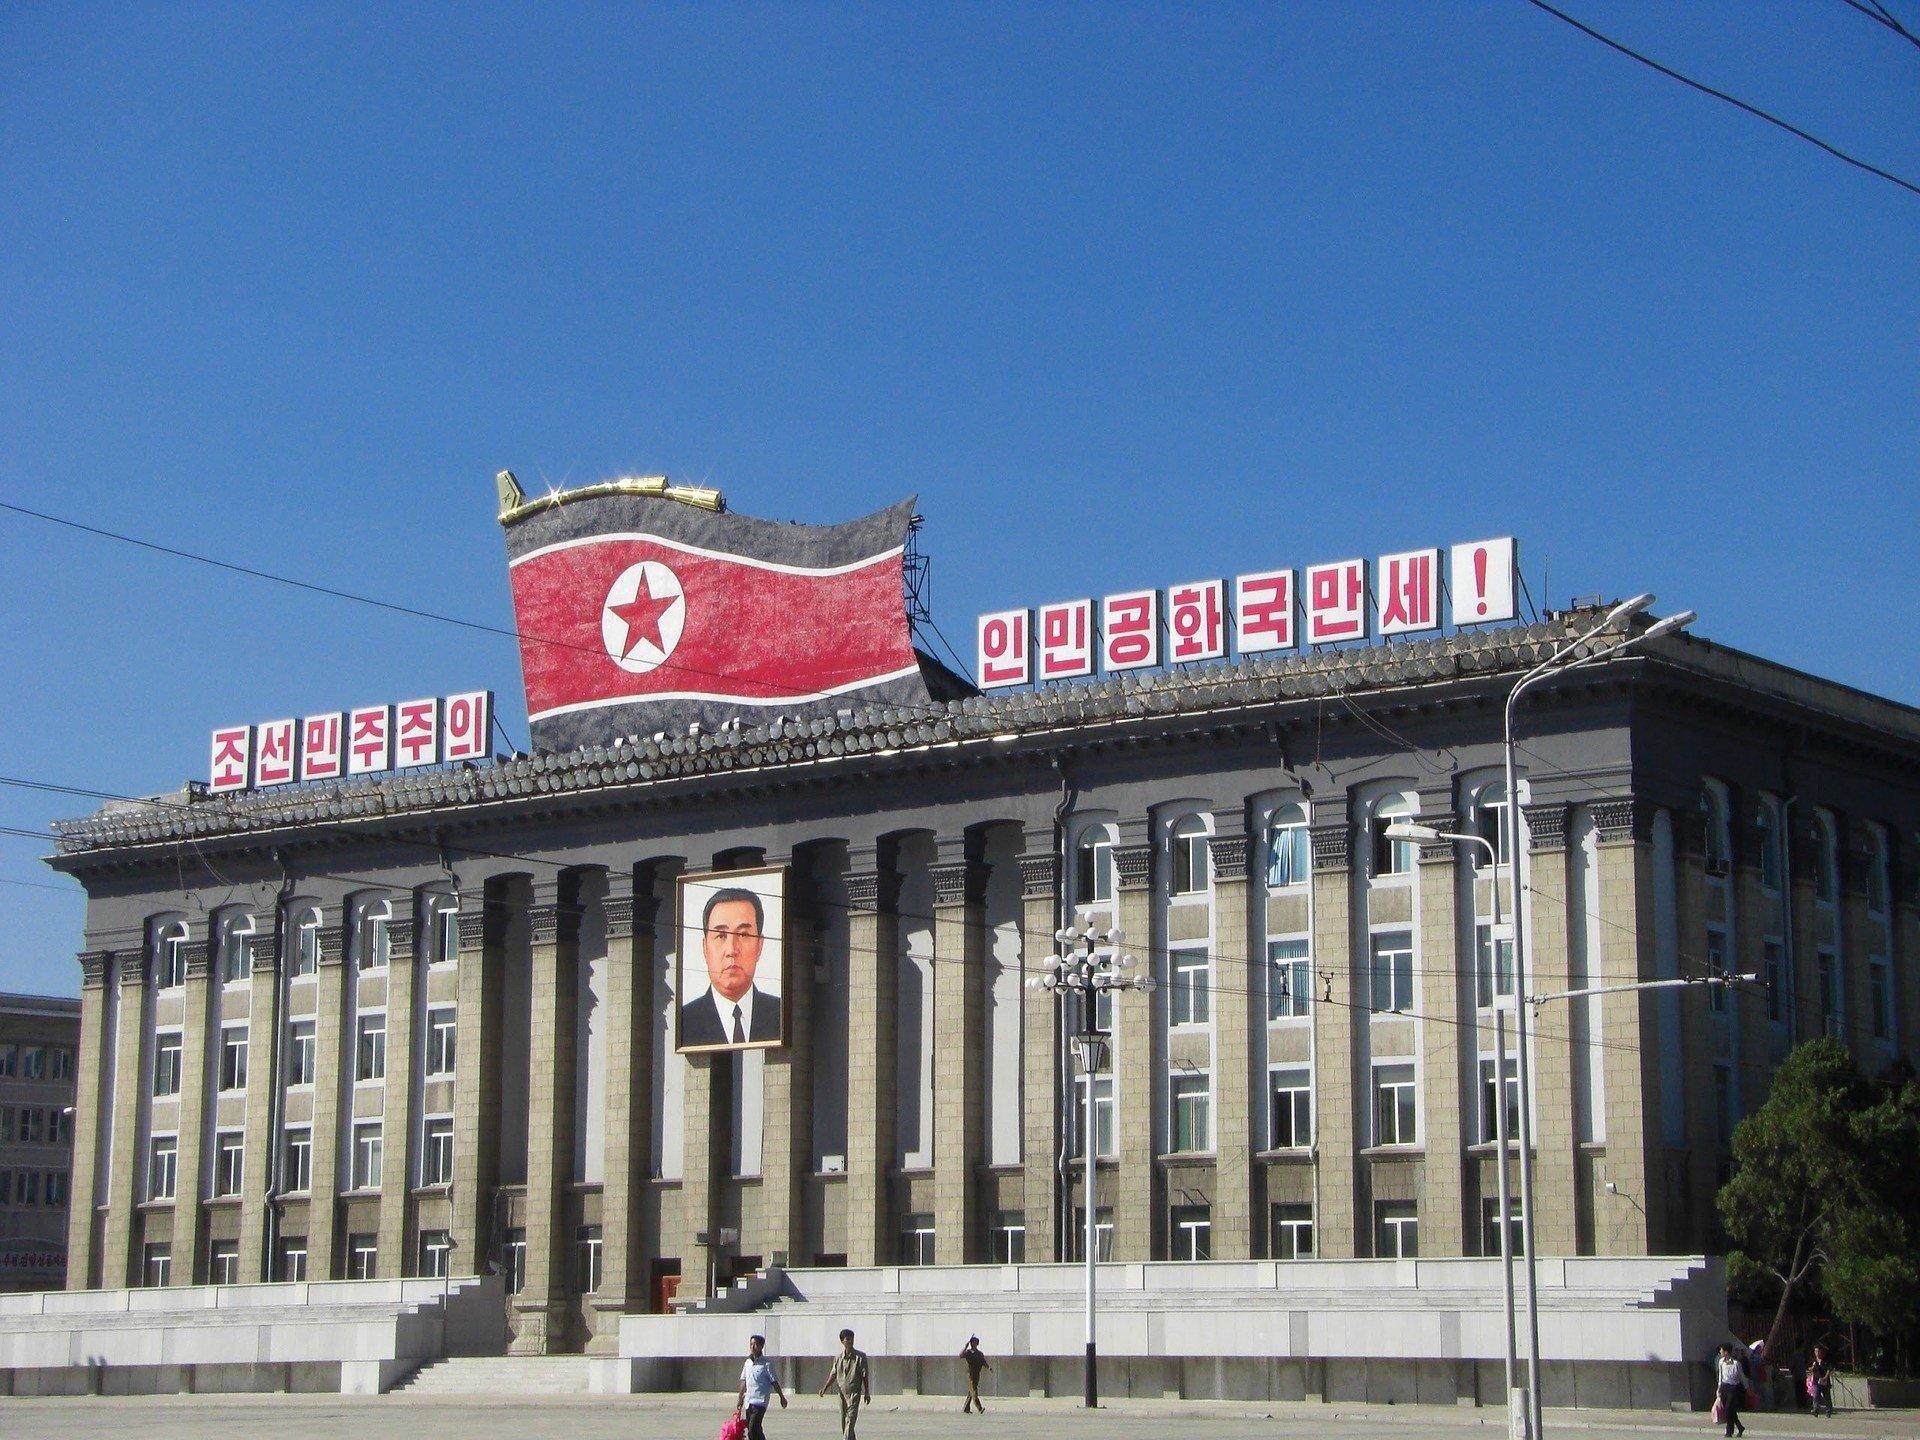 Ekspert: Żadne służby na świecie nie wiedzą, co się dzieje z Kim Dzong Unem | Polska Times